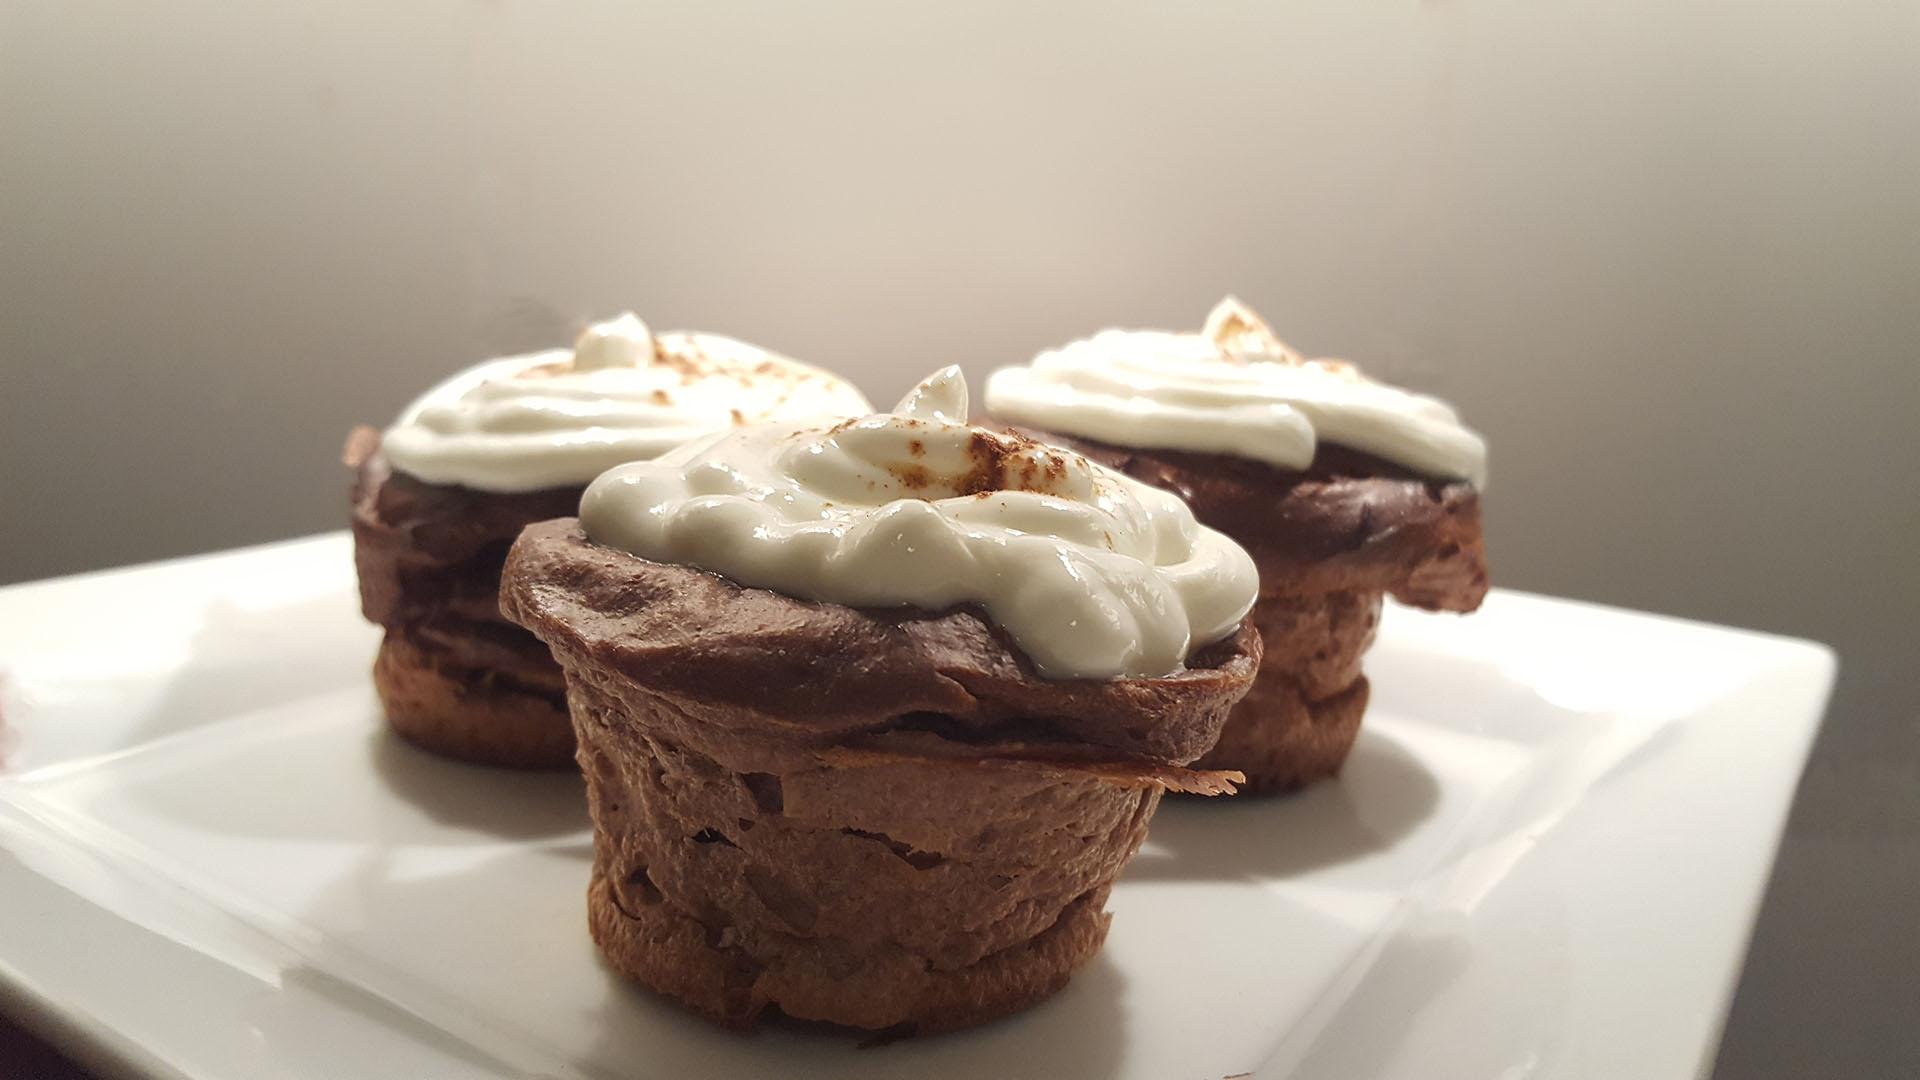 Schoko-Muffins mit Magerquarktopping auf Kochen-verstehen.de